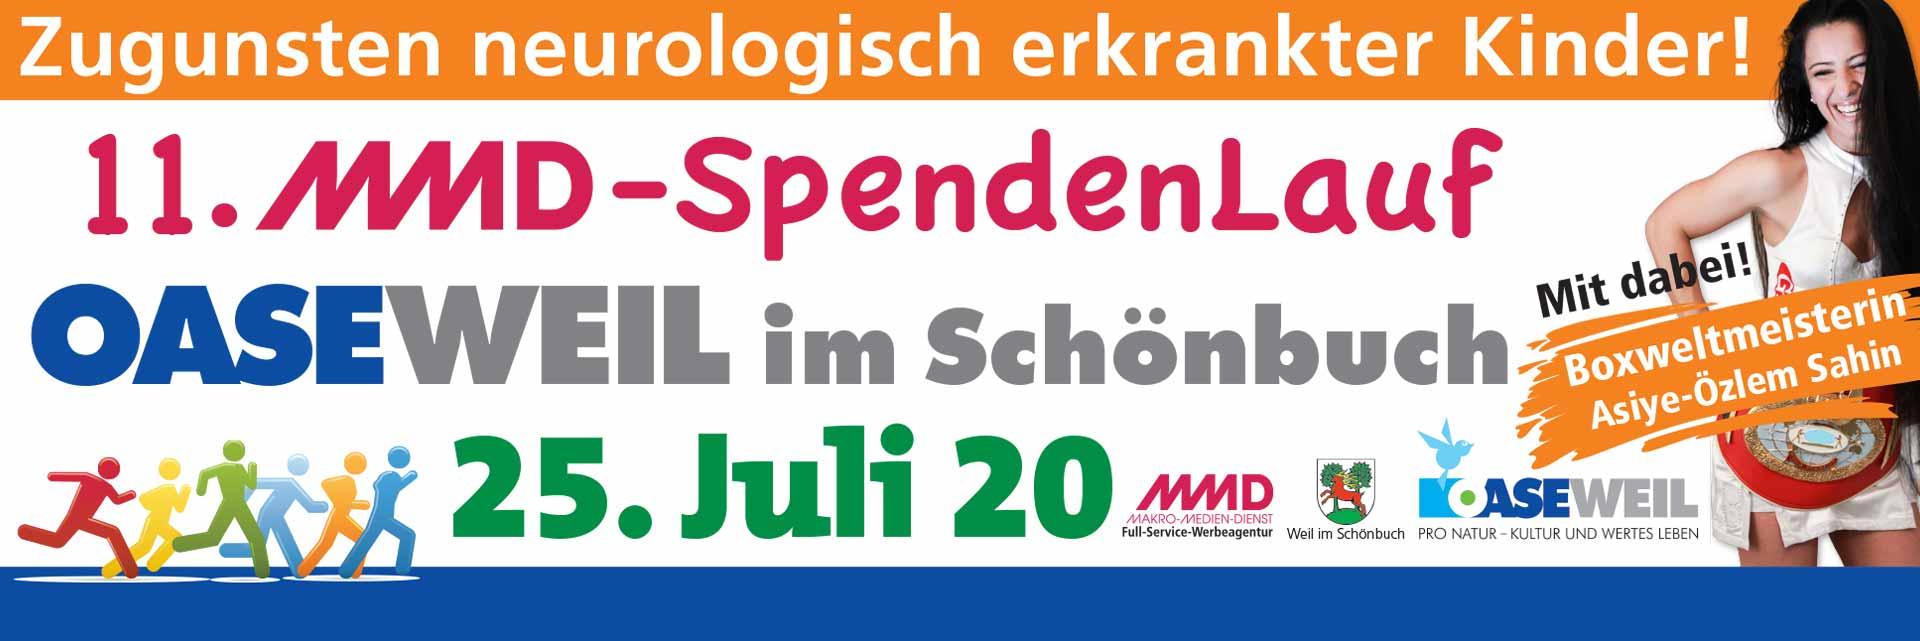 Anmeldung zum 11.MMD-Spendenlauf